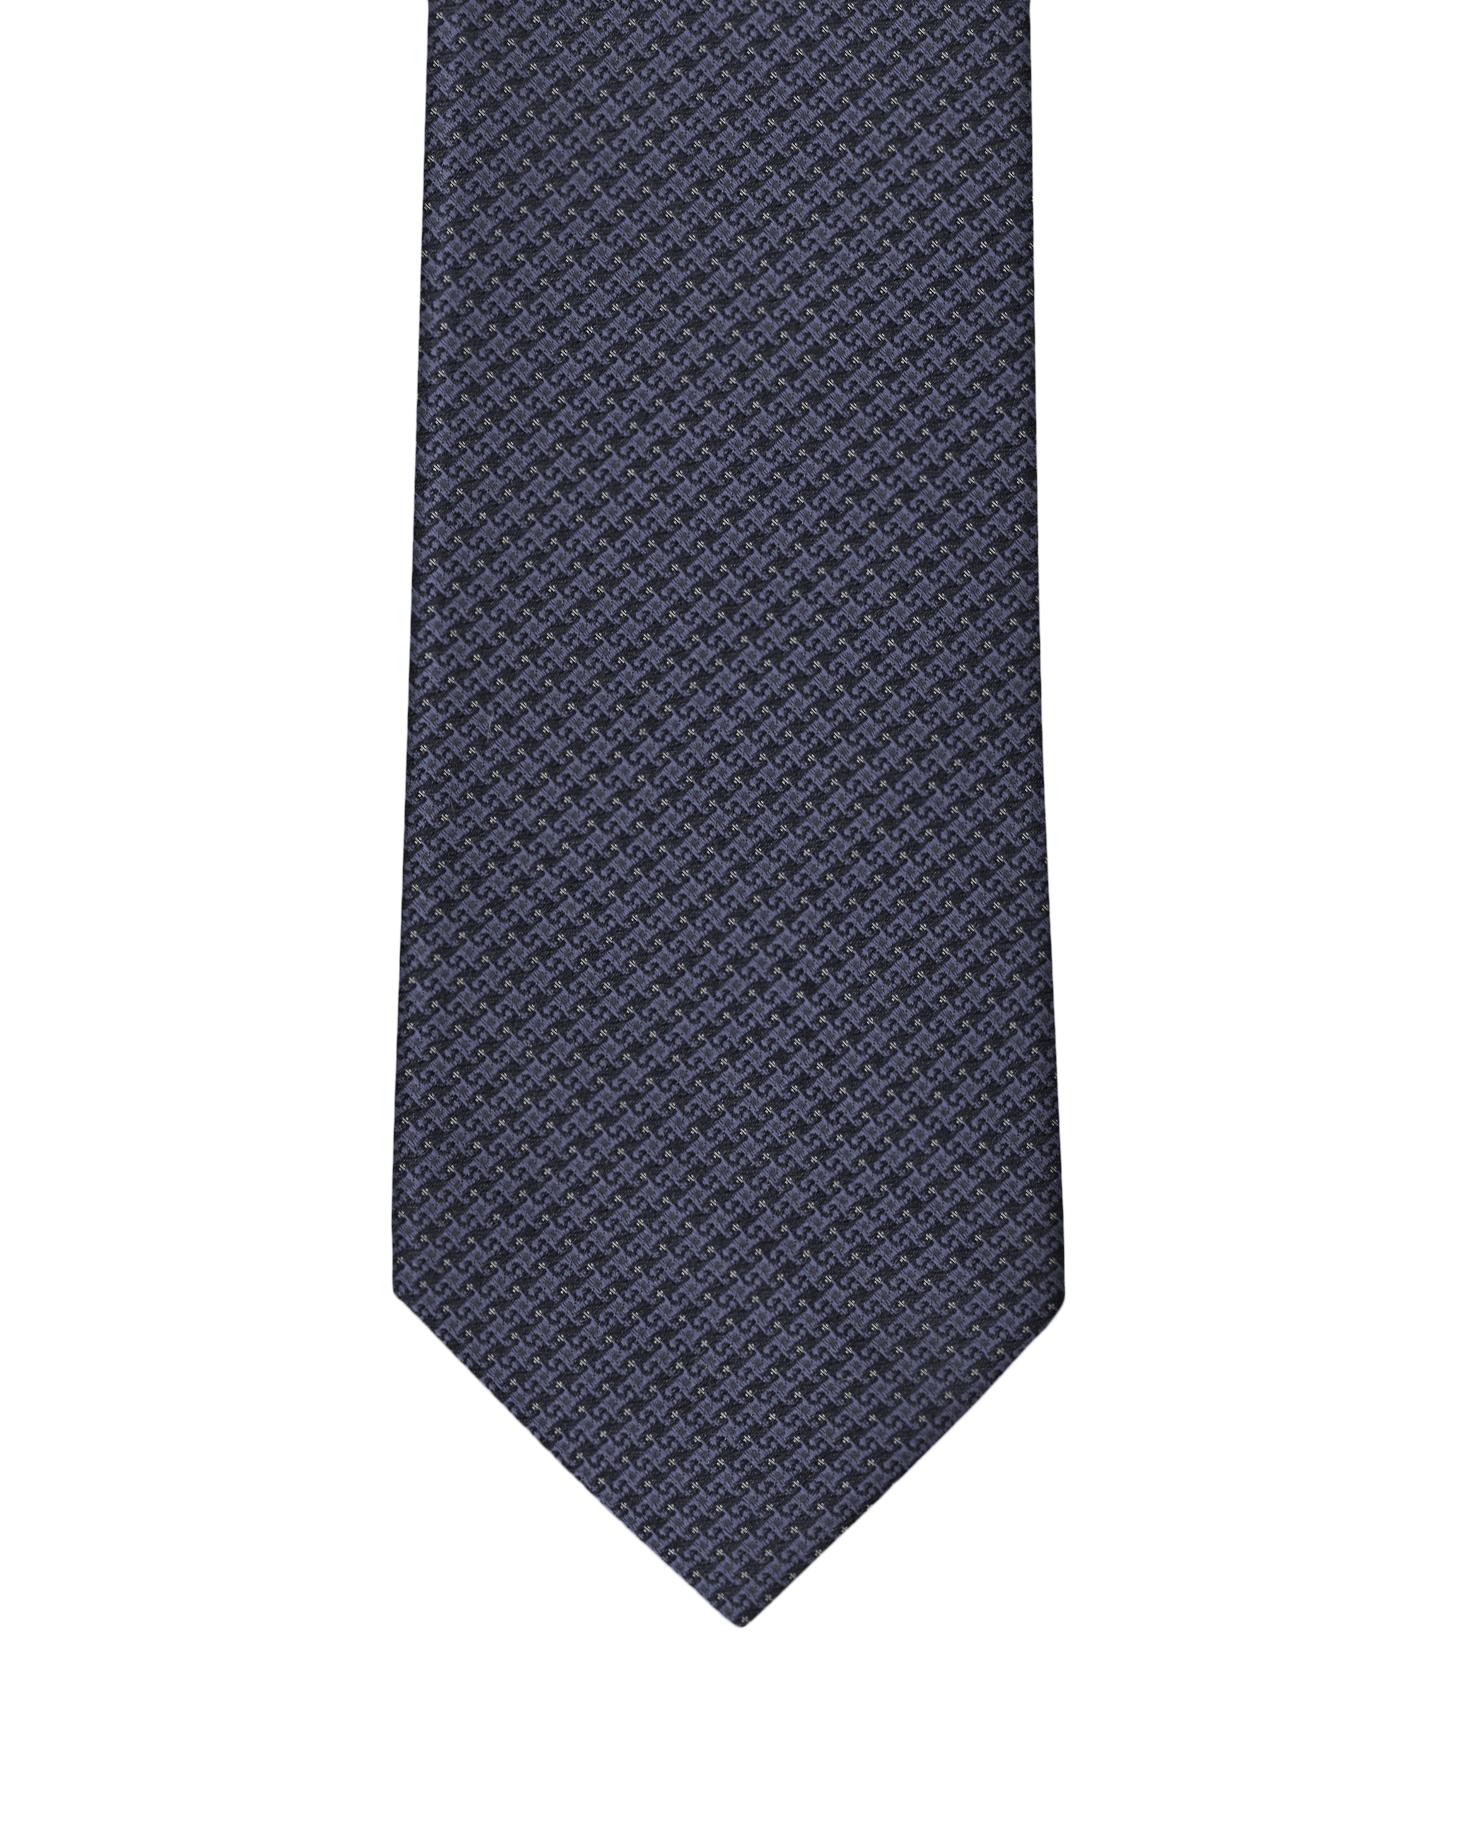 Midnight Micro Motif Necktie